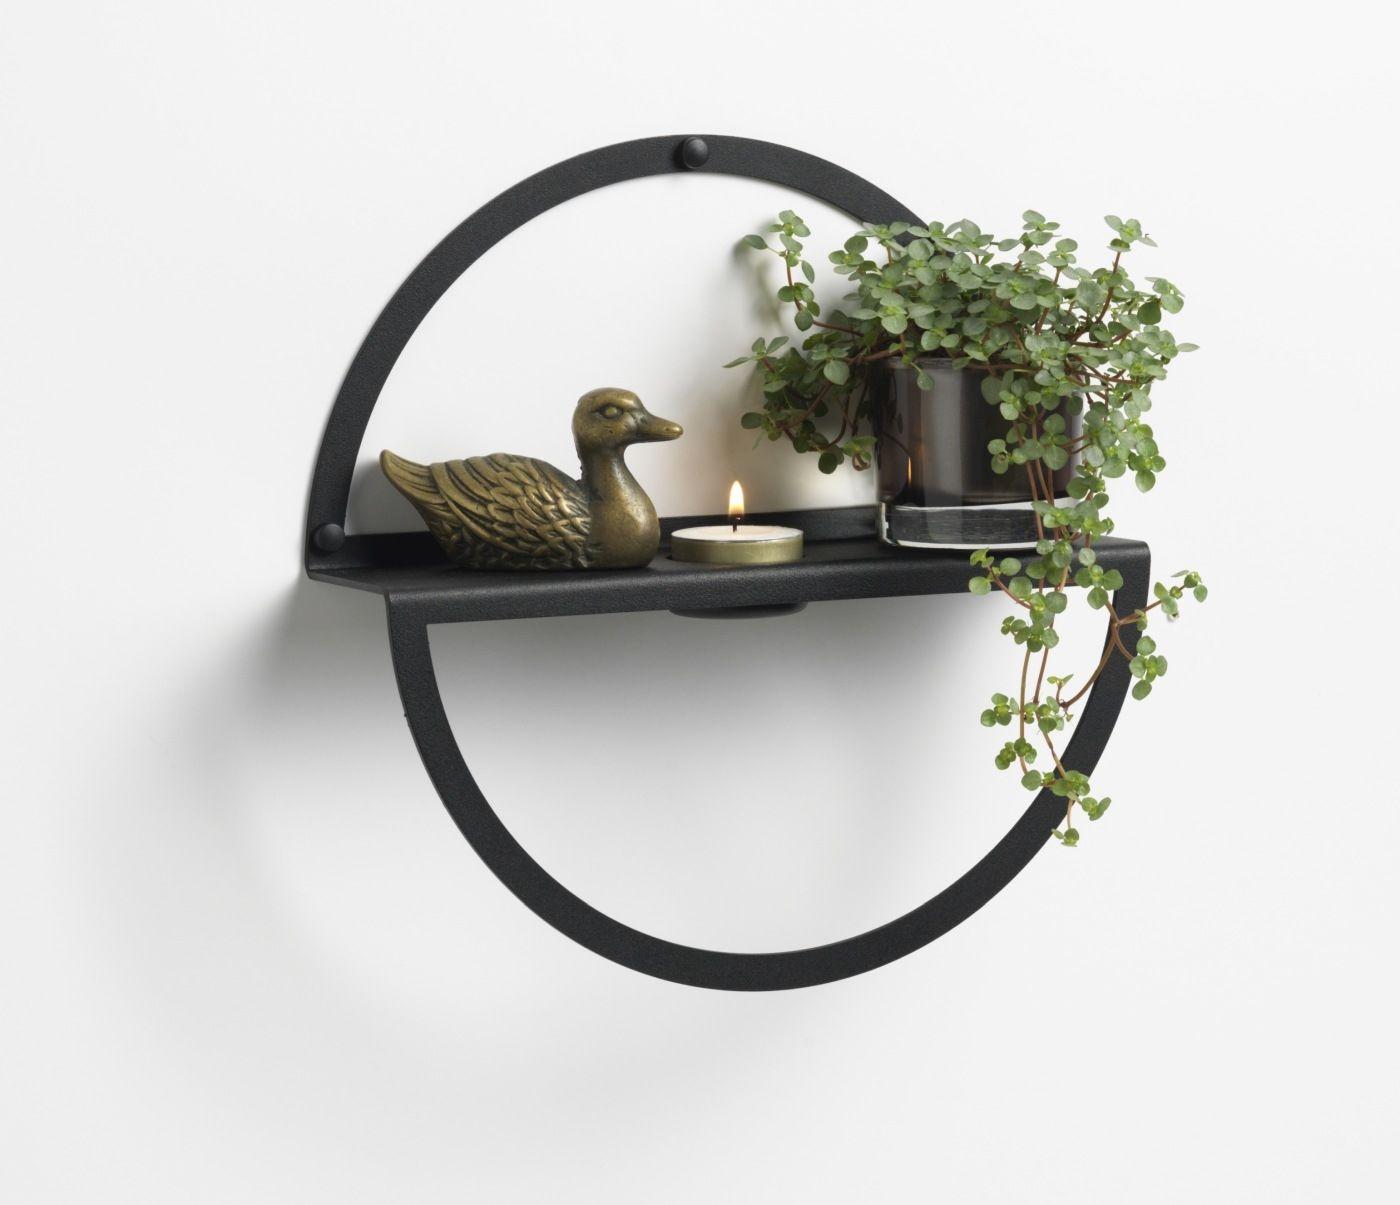 CZARNA metalowa wisząca półka na dekoracje (okrągła, 25 cm) NAGA (70152)